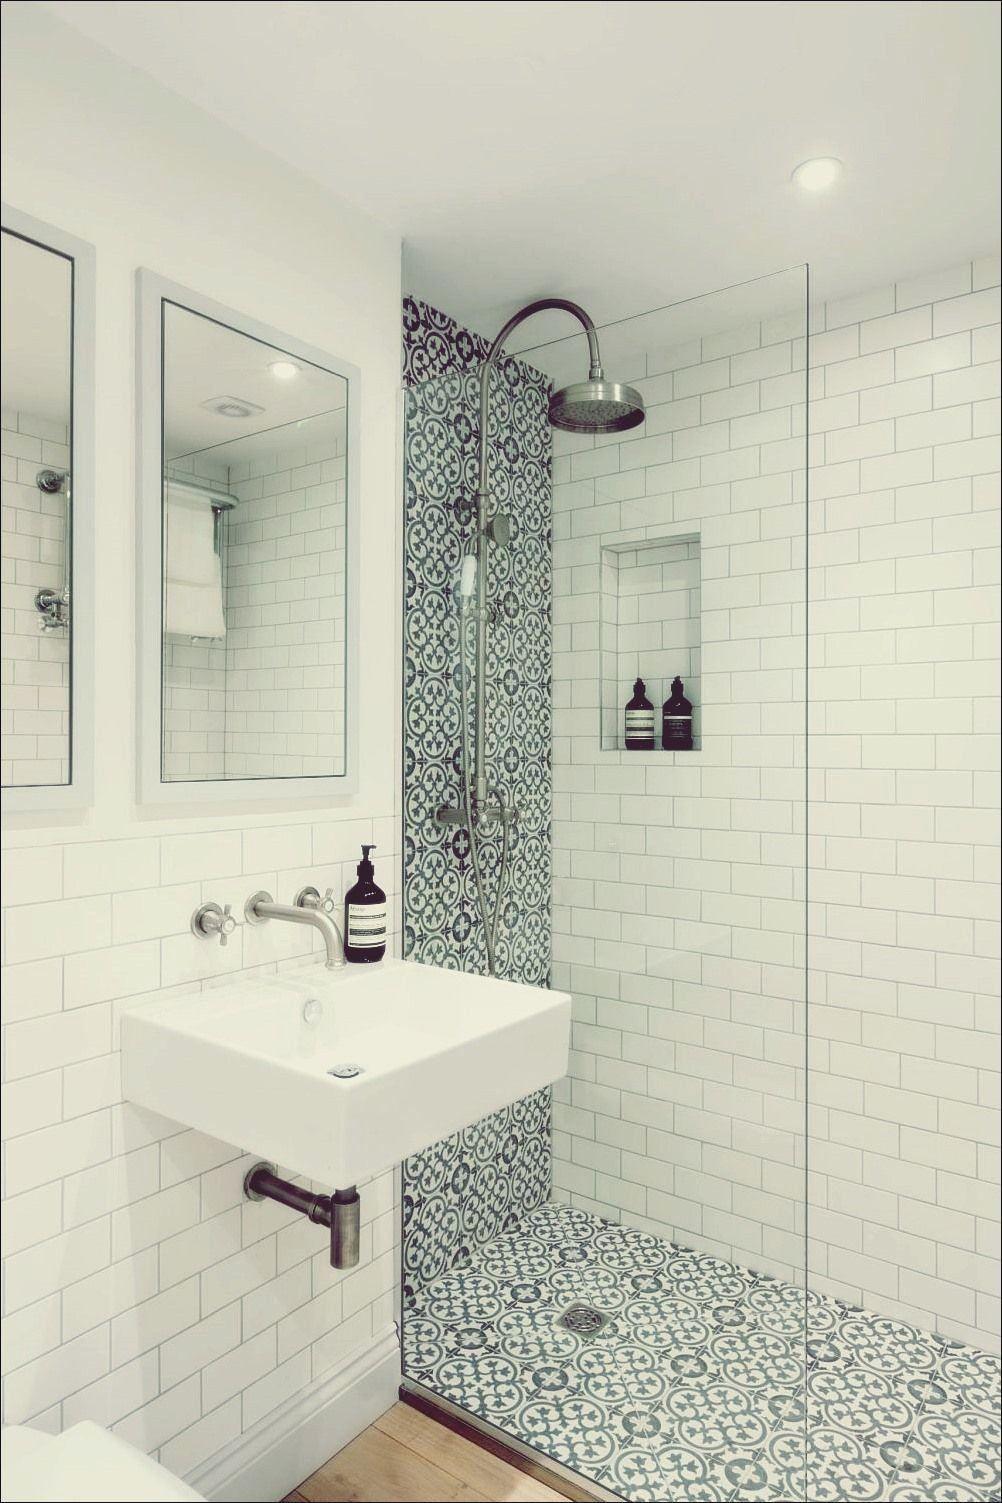 15 Moglichkeiten Ihr Weisses Badezimmer Mit Stil Aufzufrischen In 2020 Dusche Umgestalten Badezimmer Renovieren Weisses Badezimmer